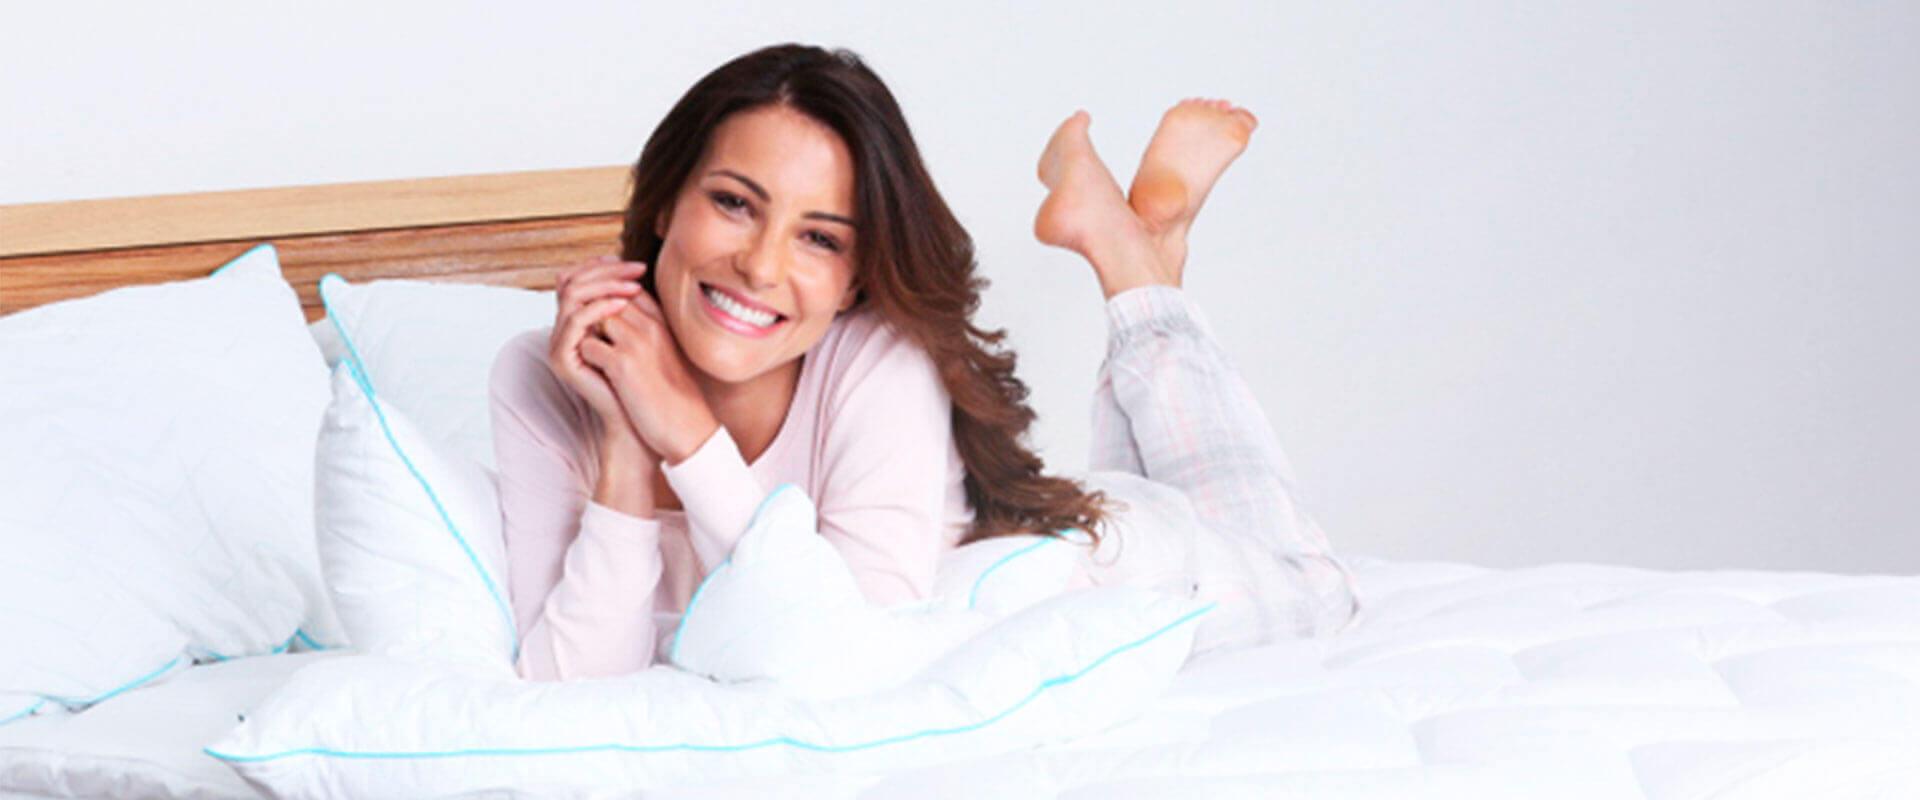 Mujer sonriente sobre su cama con colcha color blanco.